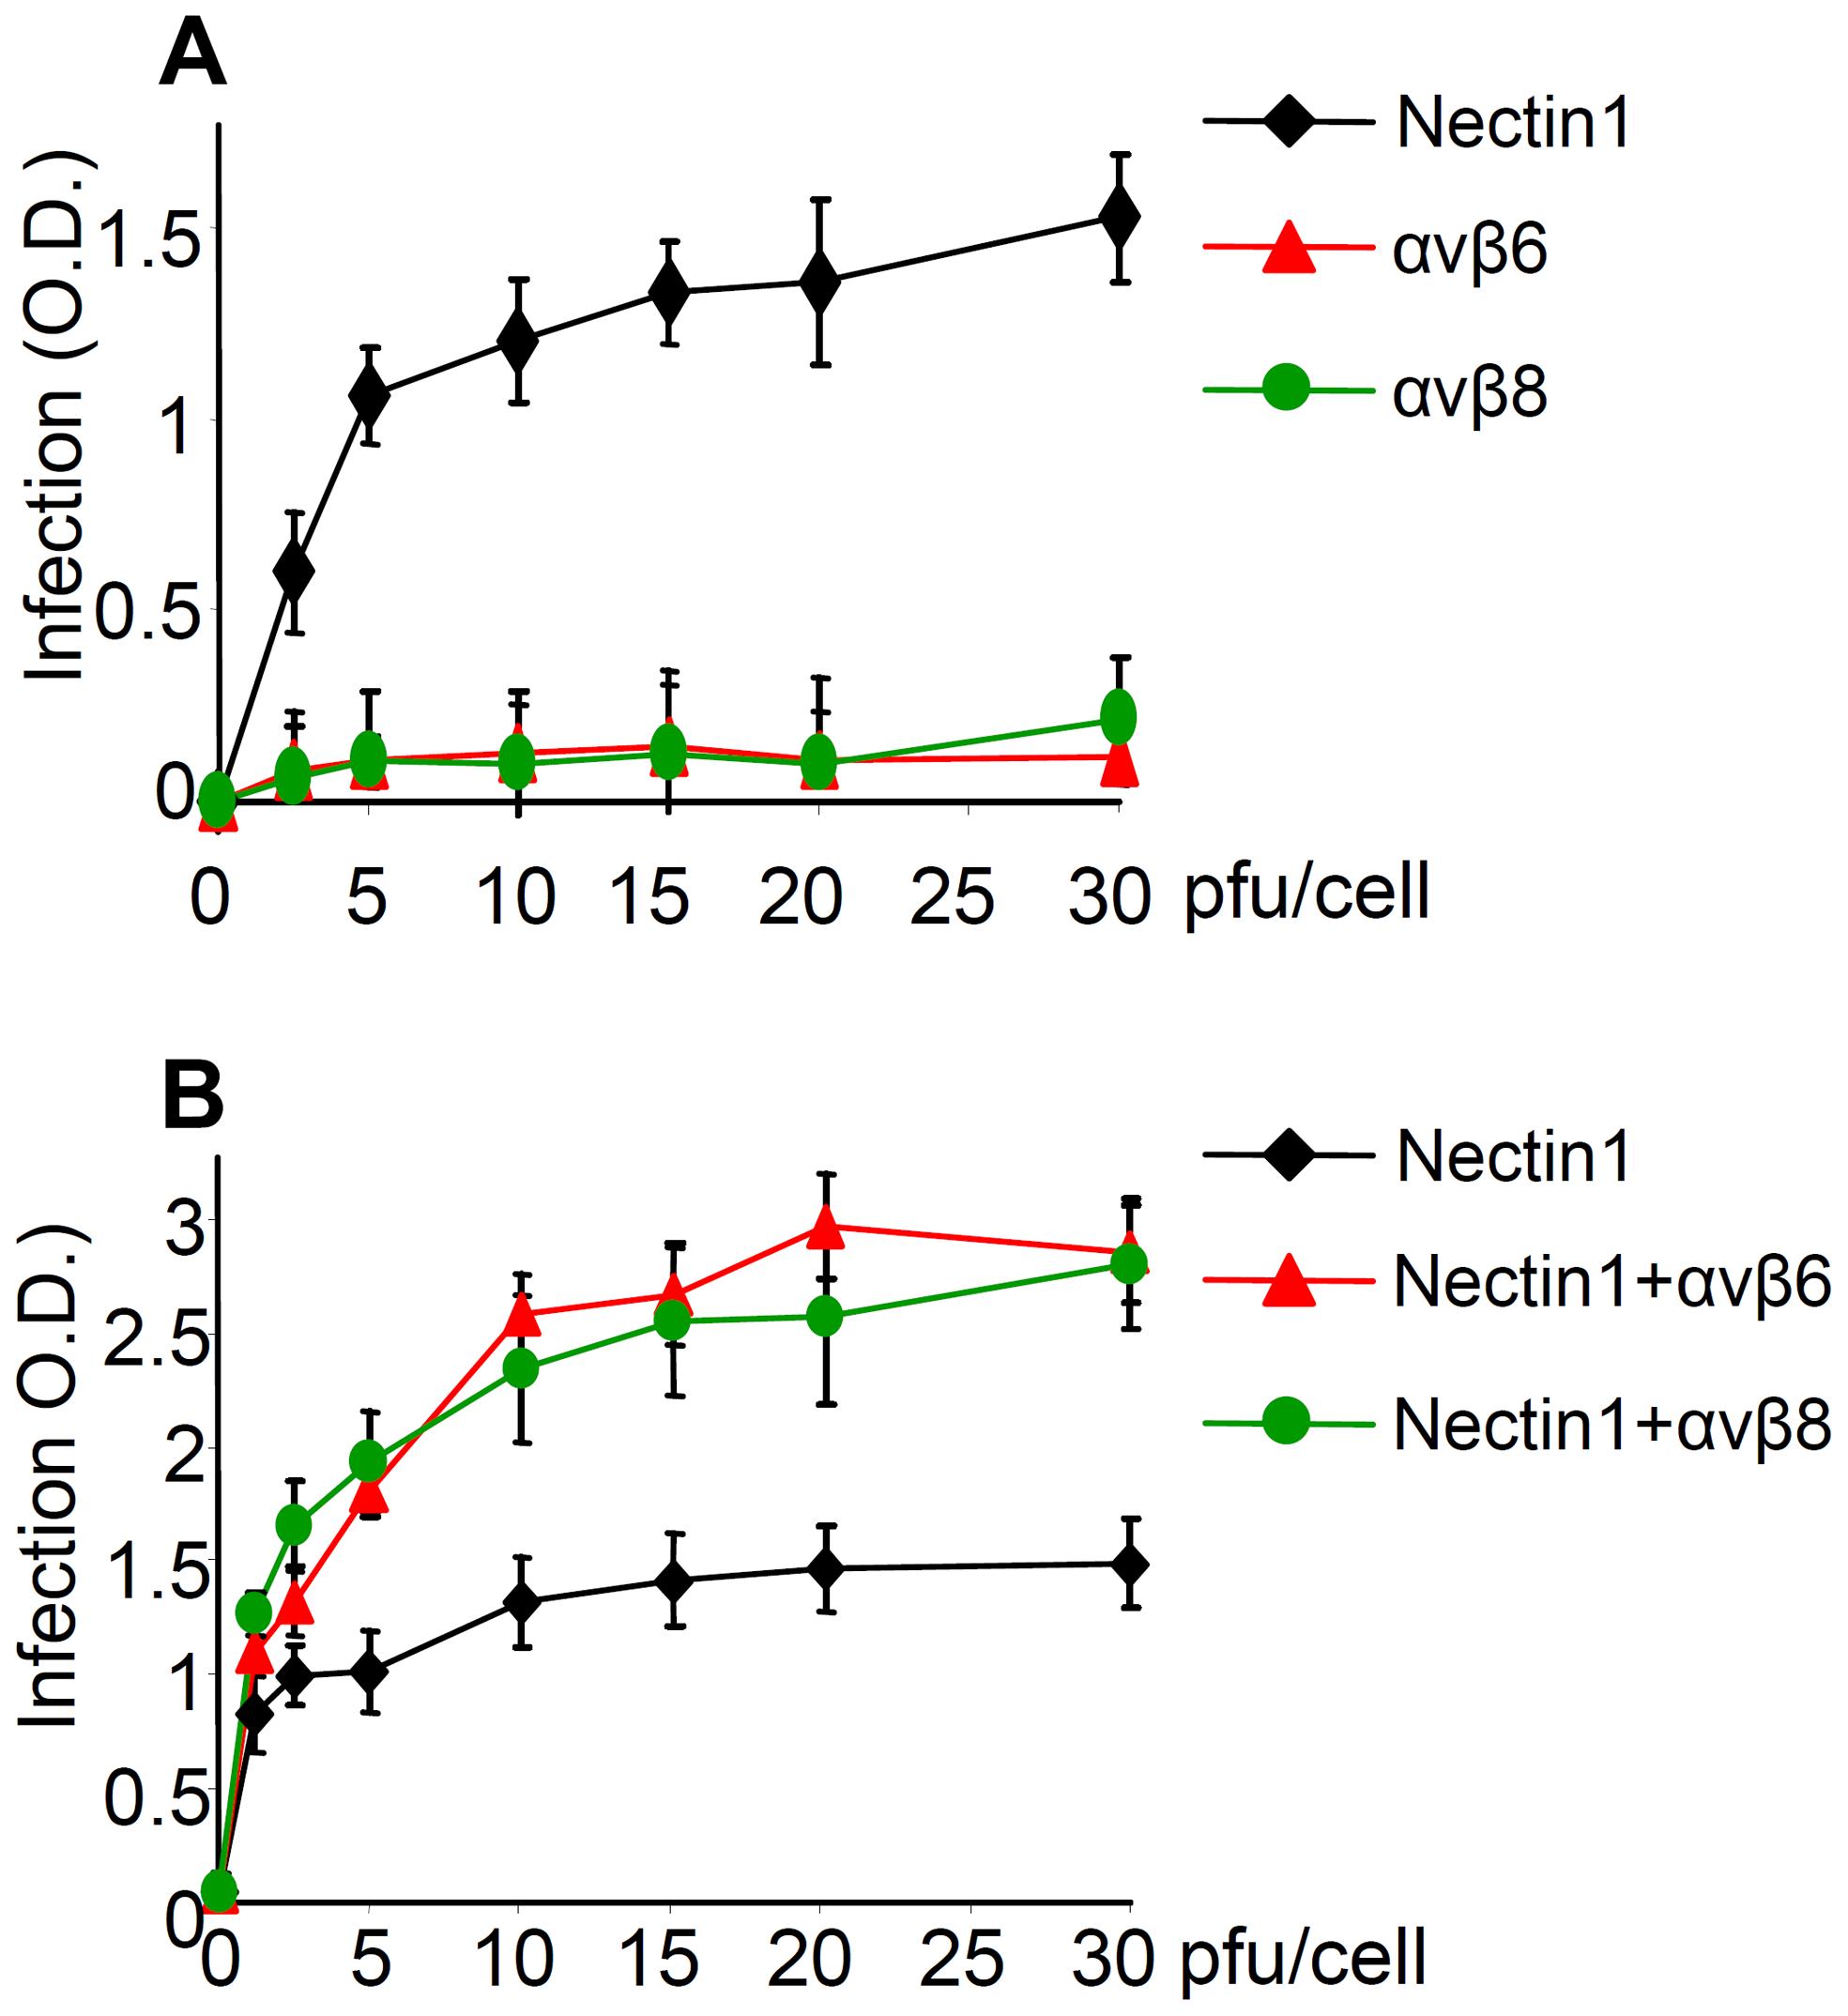 αvβ6 and αvβ8 -integrins do not substitute for nectin 1, yet they increase infection of R8102 in J cells expressing nectin 1 at low level.